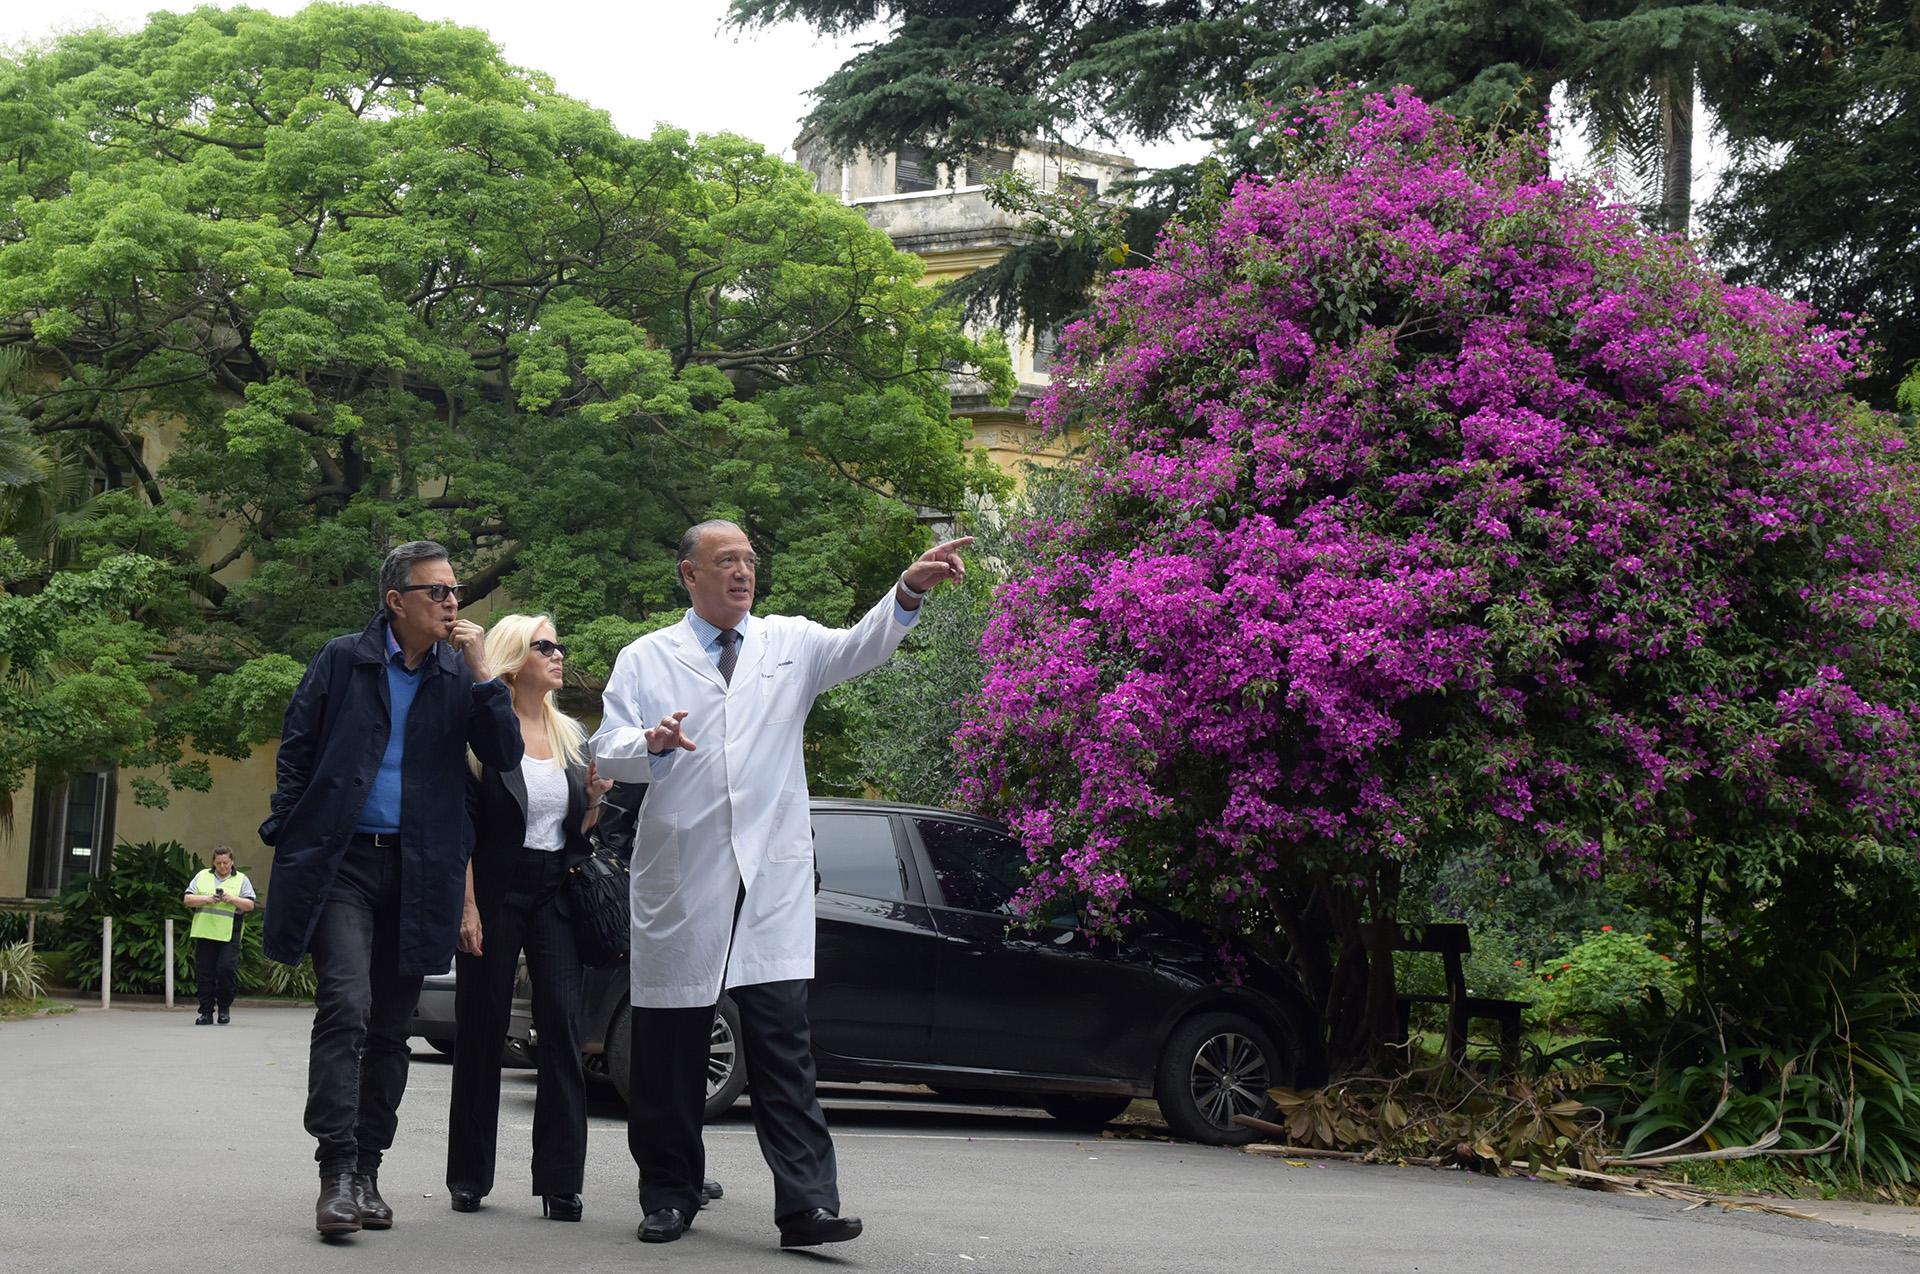 La recorrida por todo el Hospital duró más de una hora e incluyó los jardines diseñados por Thays